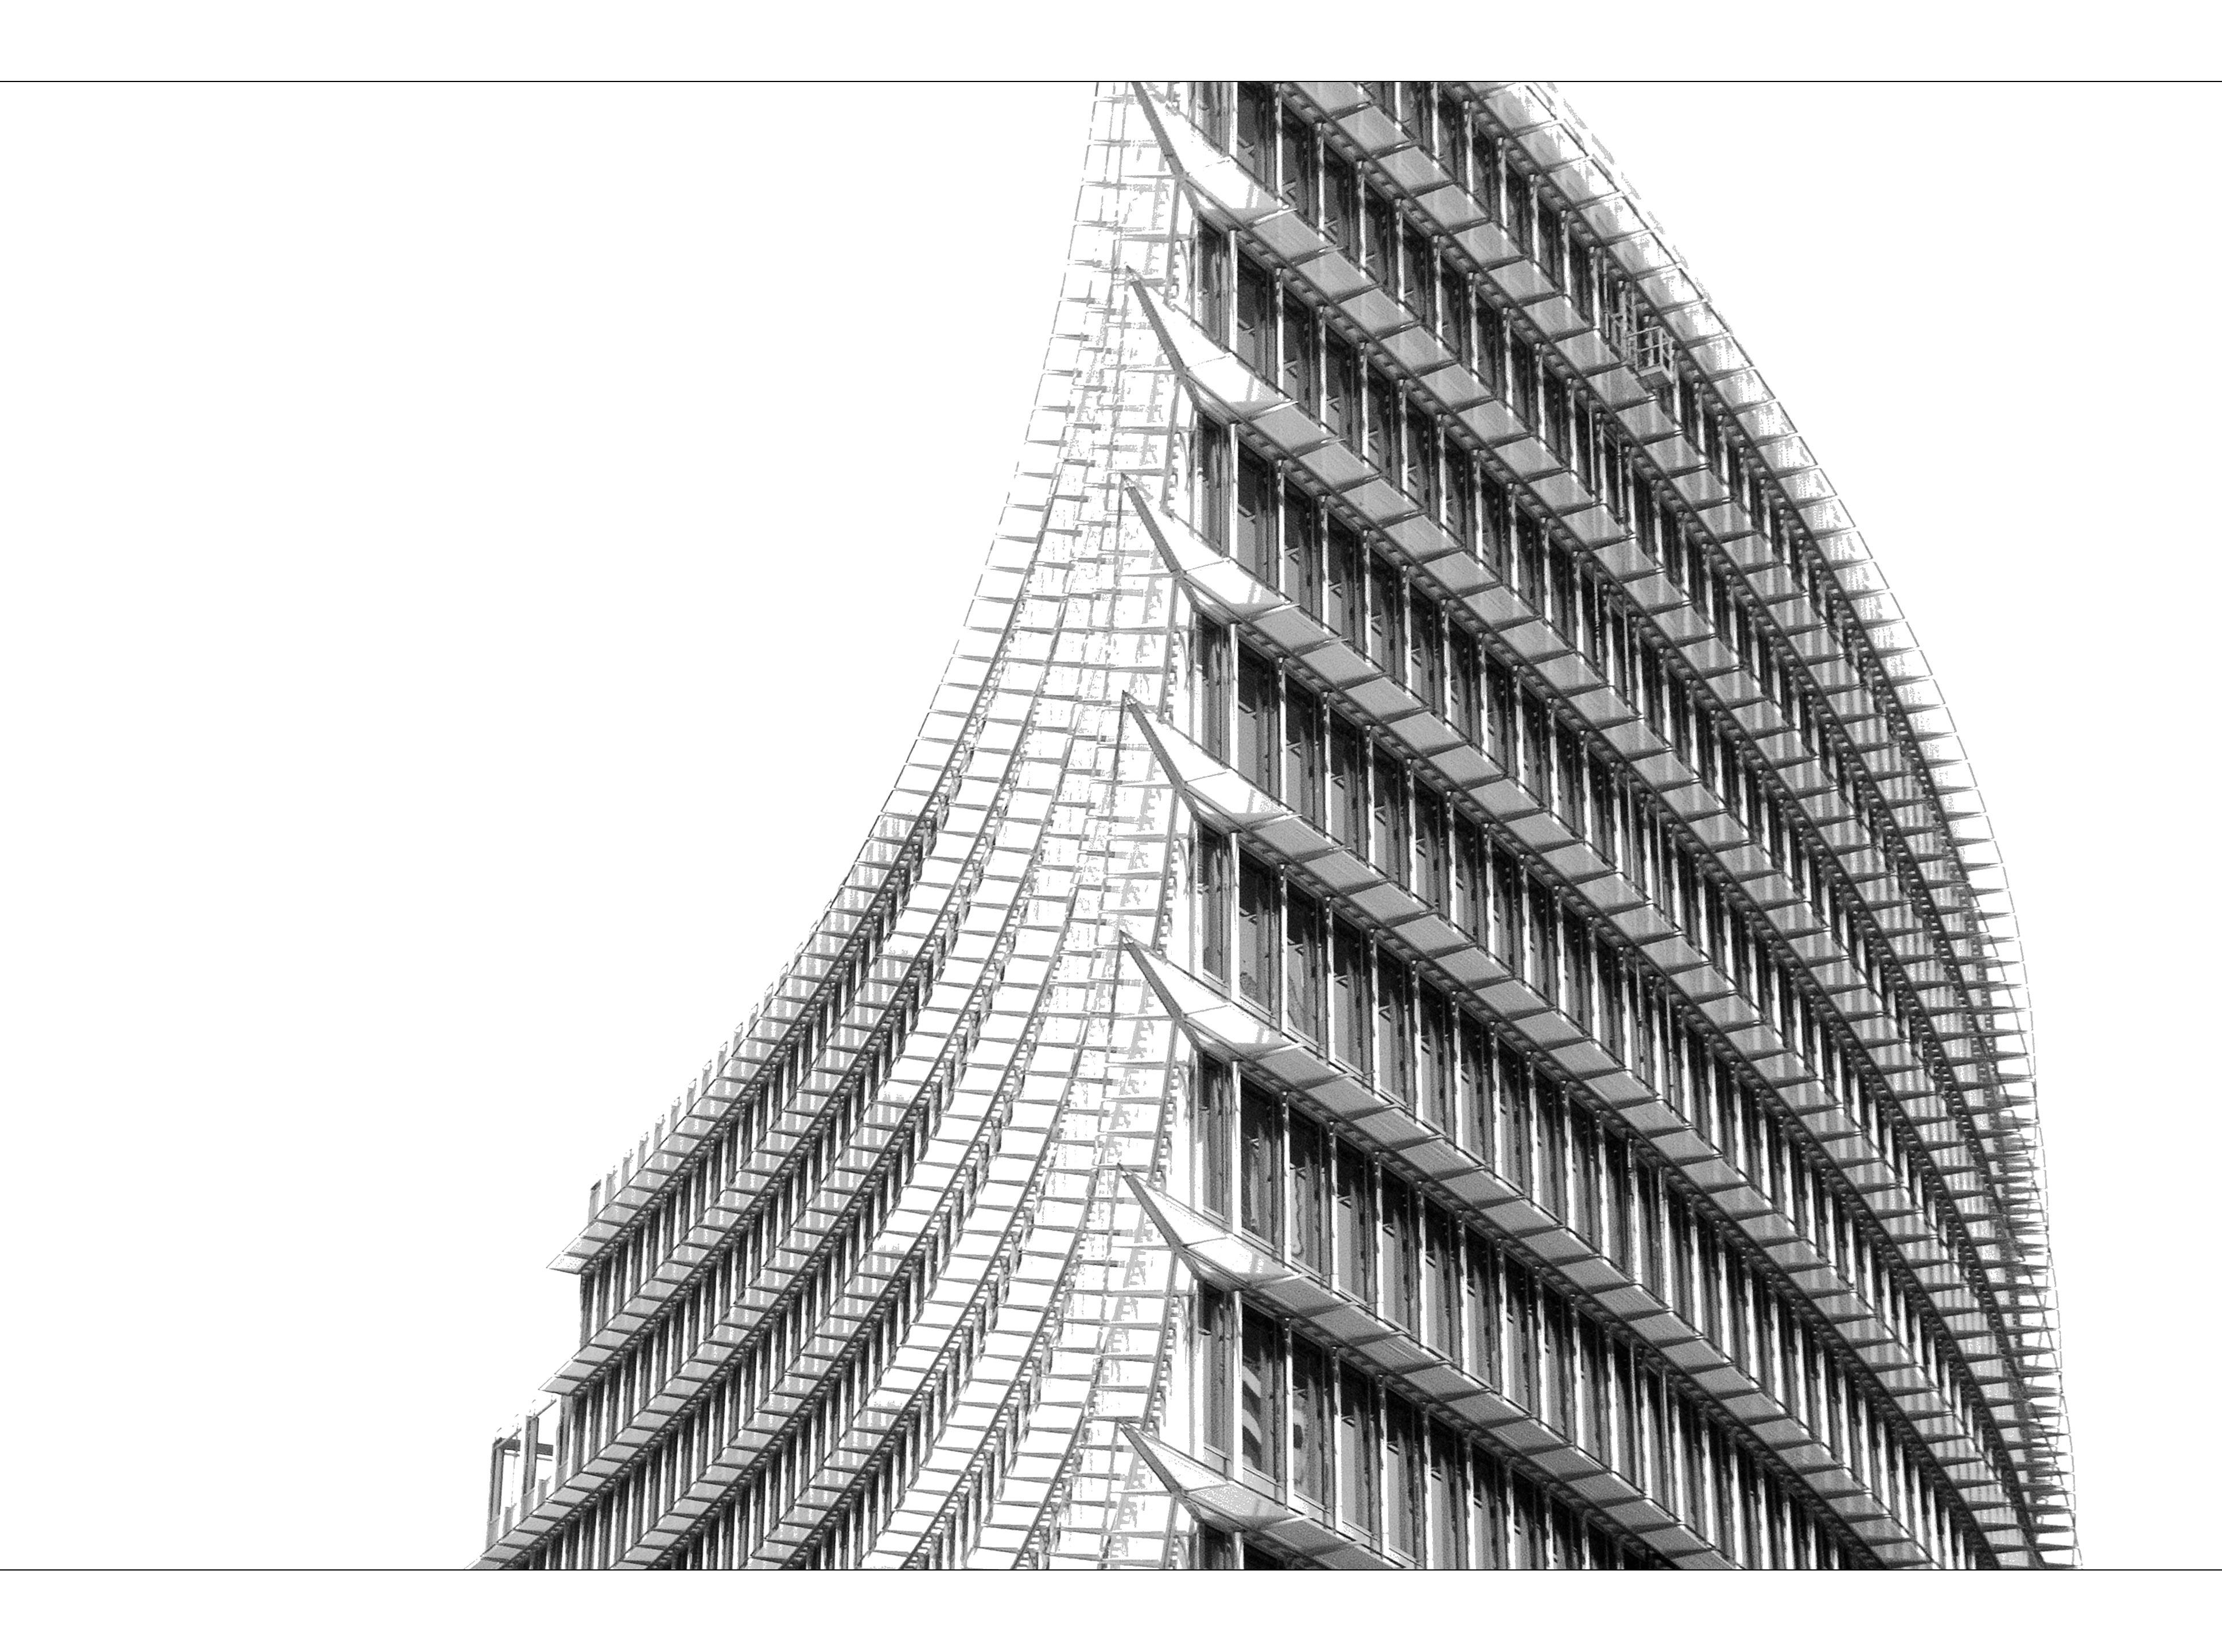 Architektur Fassade wallpaper architecture dubai architektur fassade schwarzweis